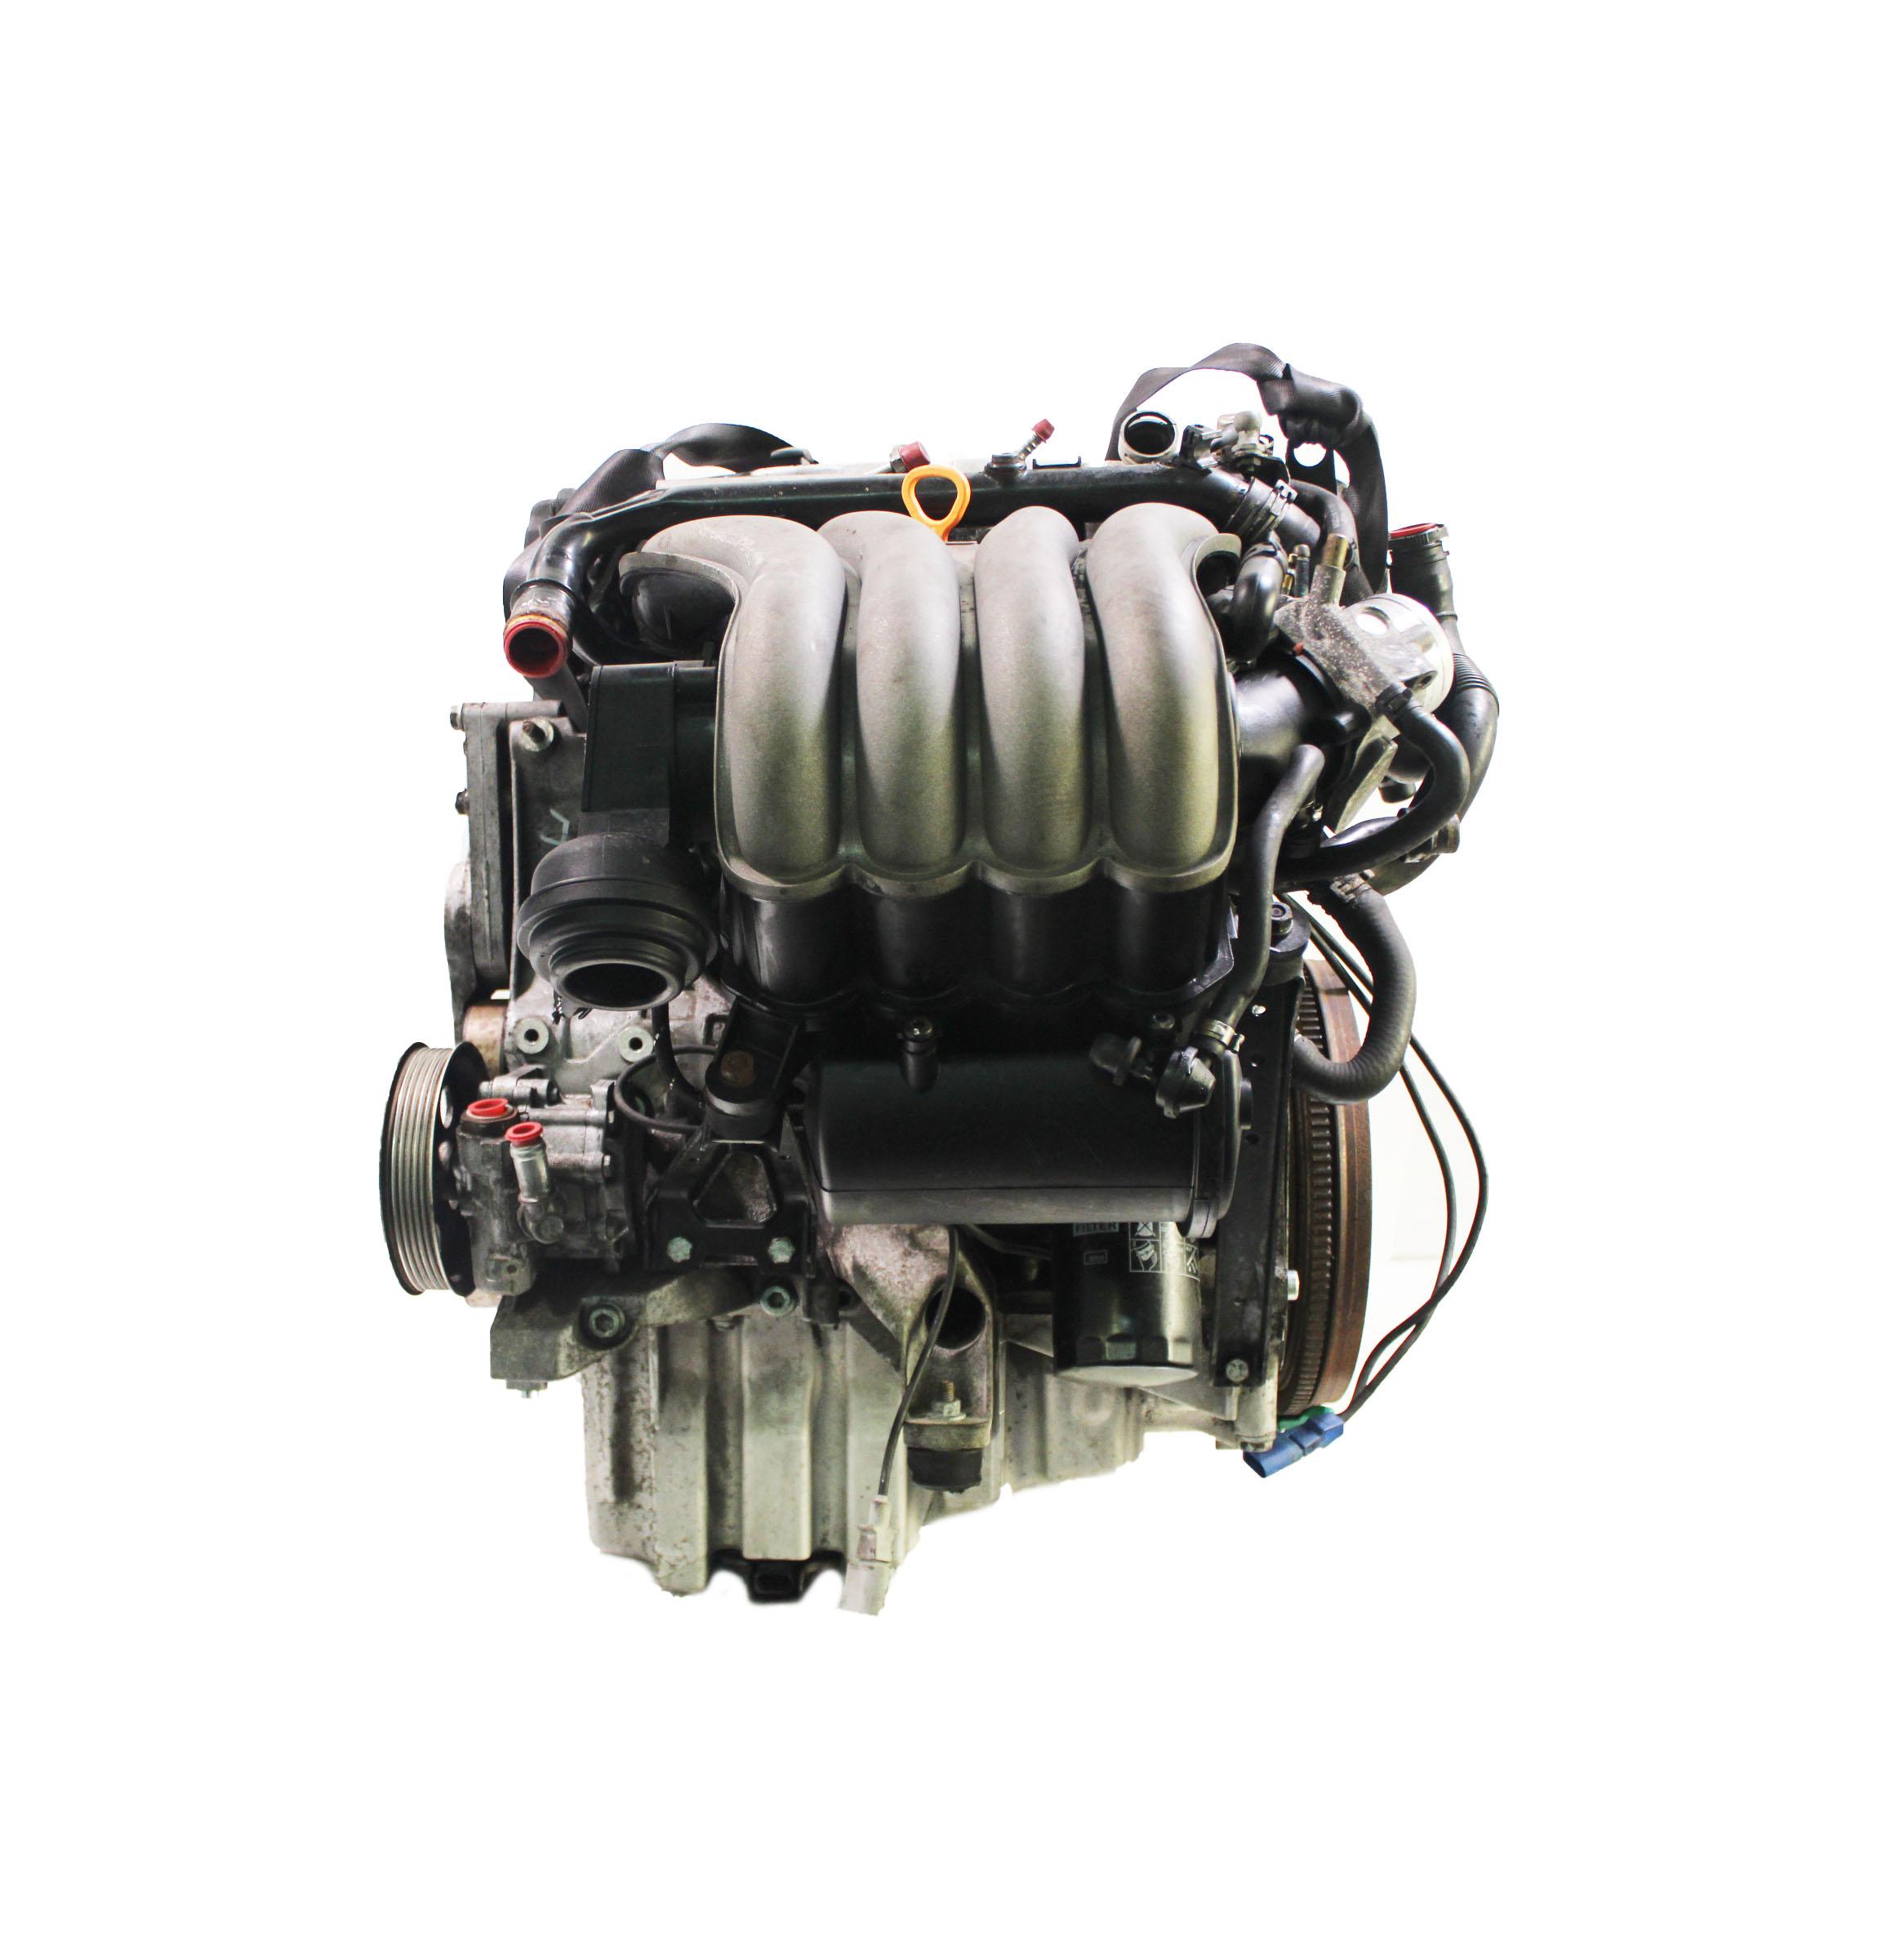 Motor für Audi A6 C5 2,0 Benzin ALT 96 KW 130 PS